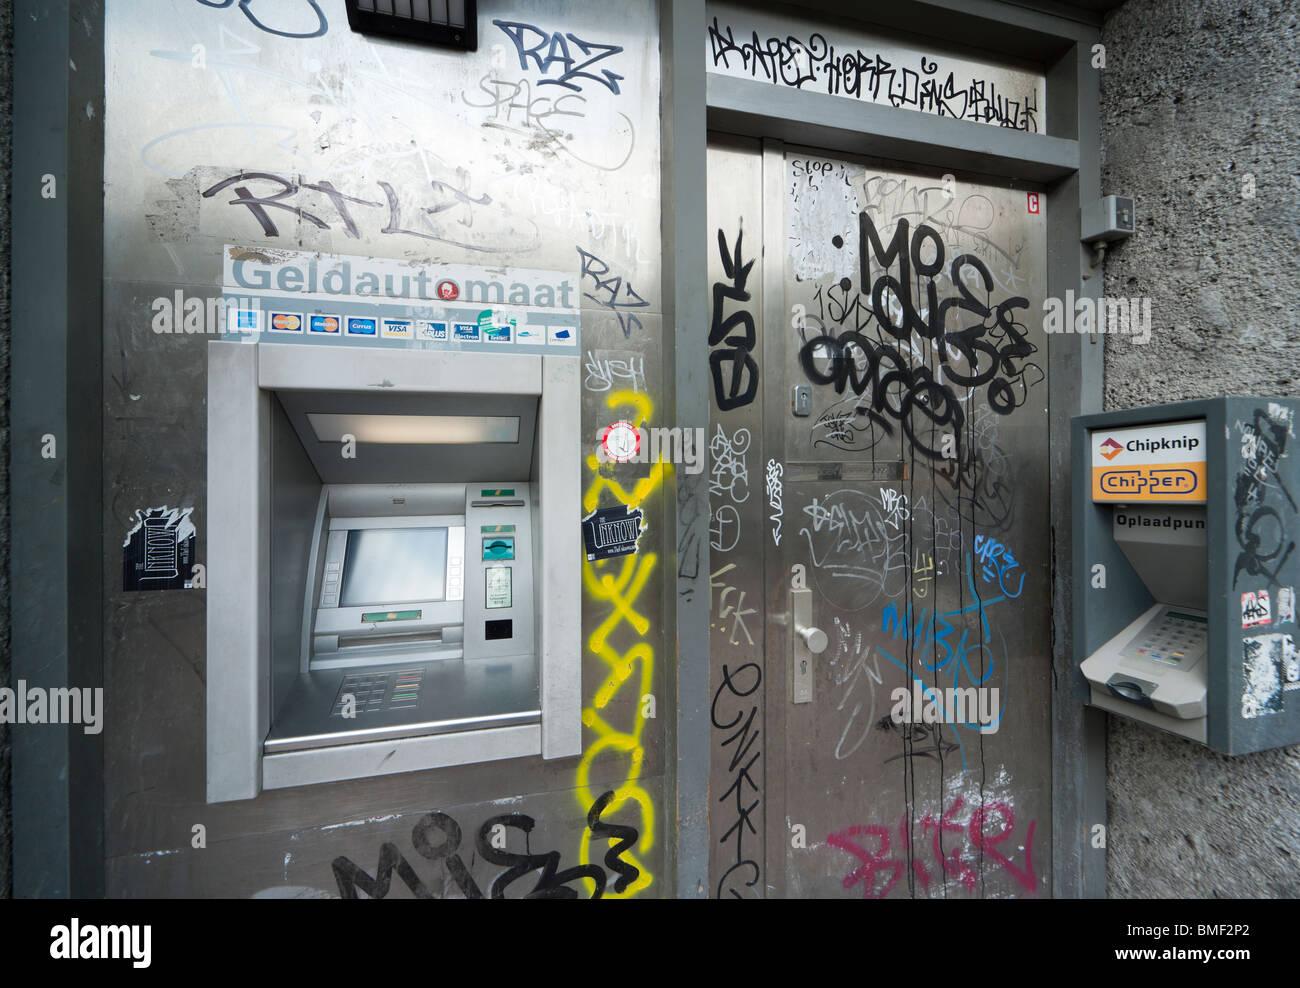 Amsterdam ATM, guichet automatique, machine d'argent, un distributeur distributeur, dans un coin dangereux impur Photo Stock